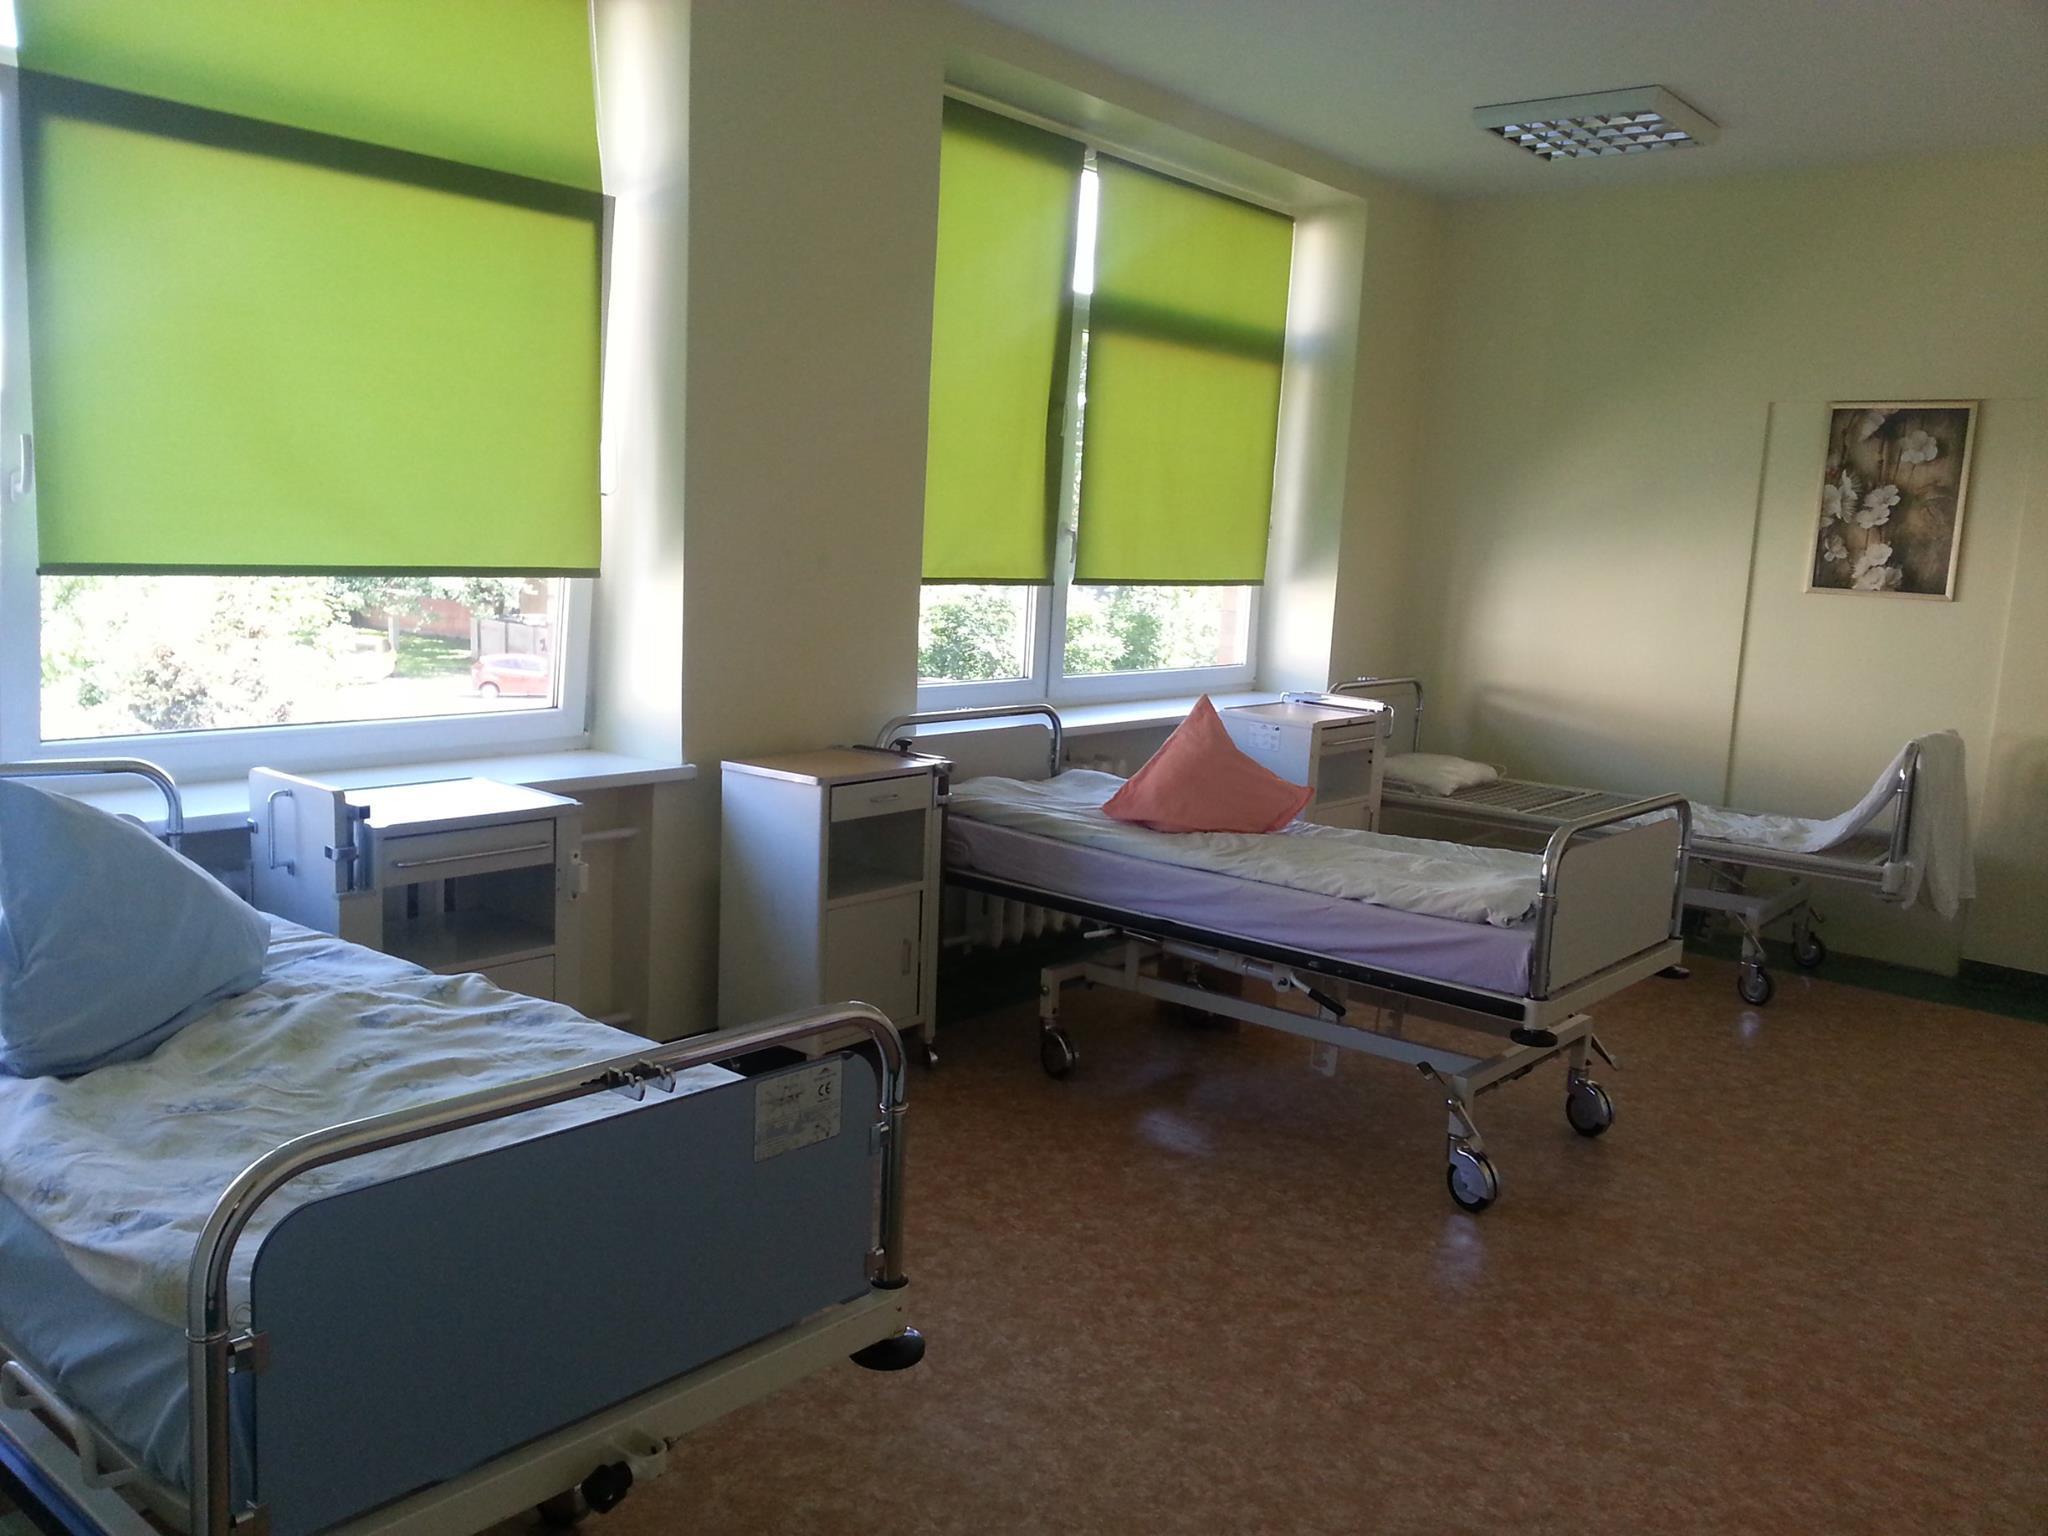 Klaipėdoje duris atvėrė naujas palaikomojo gydymo ir slaugos skyrius